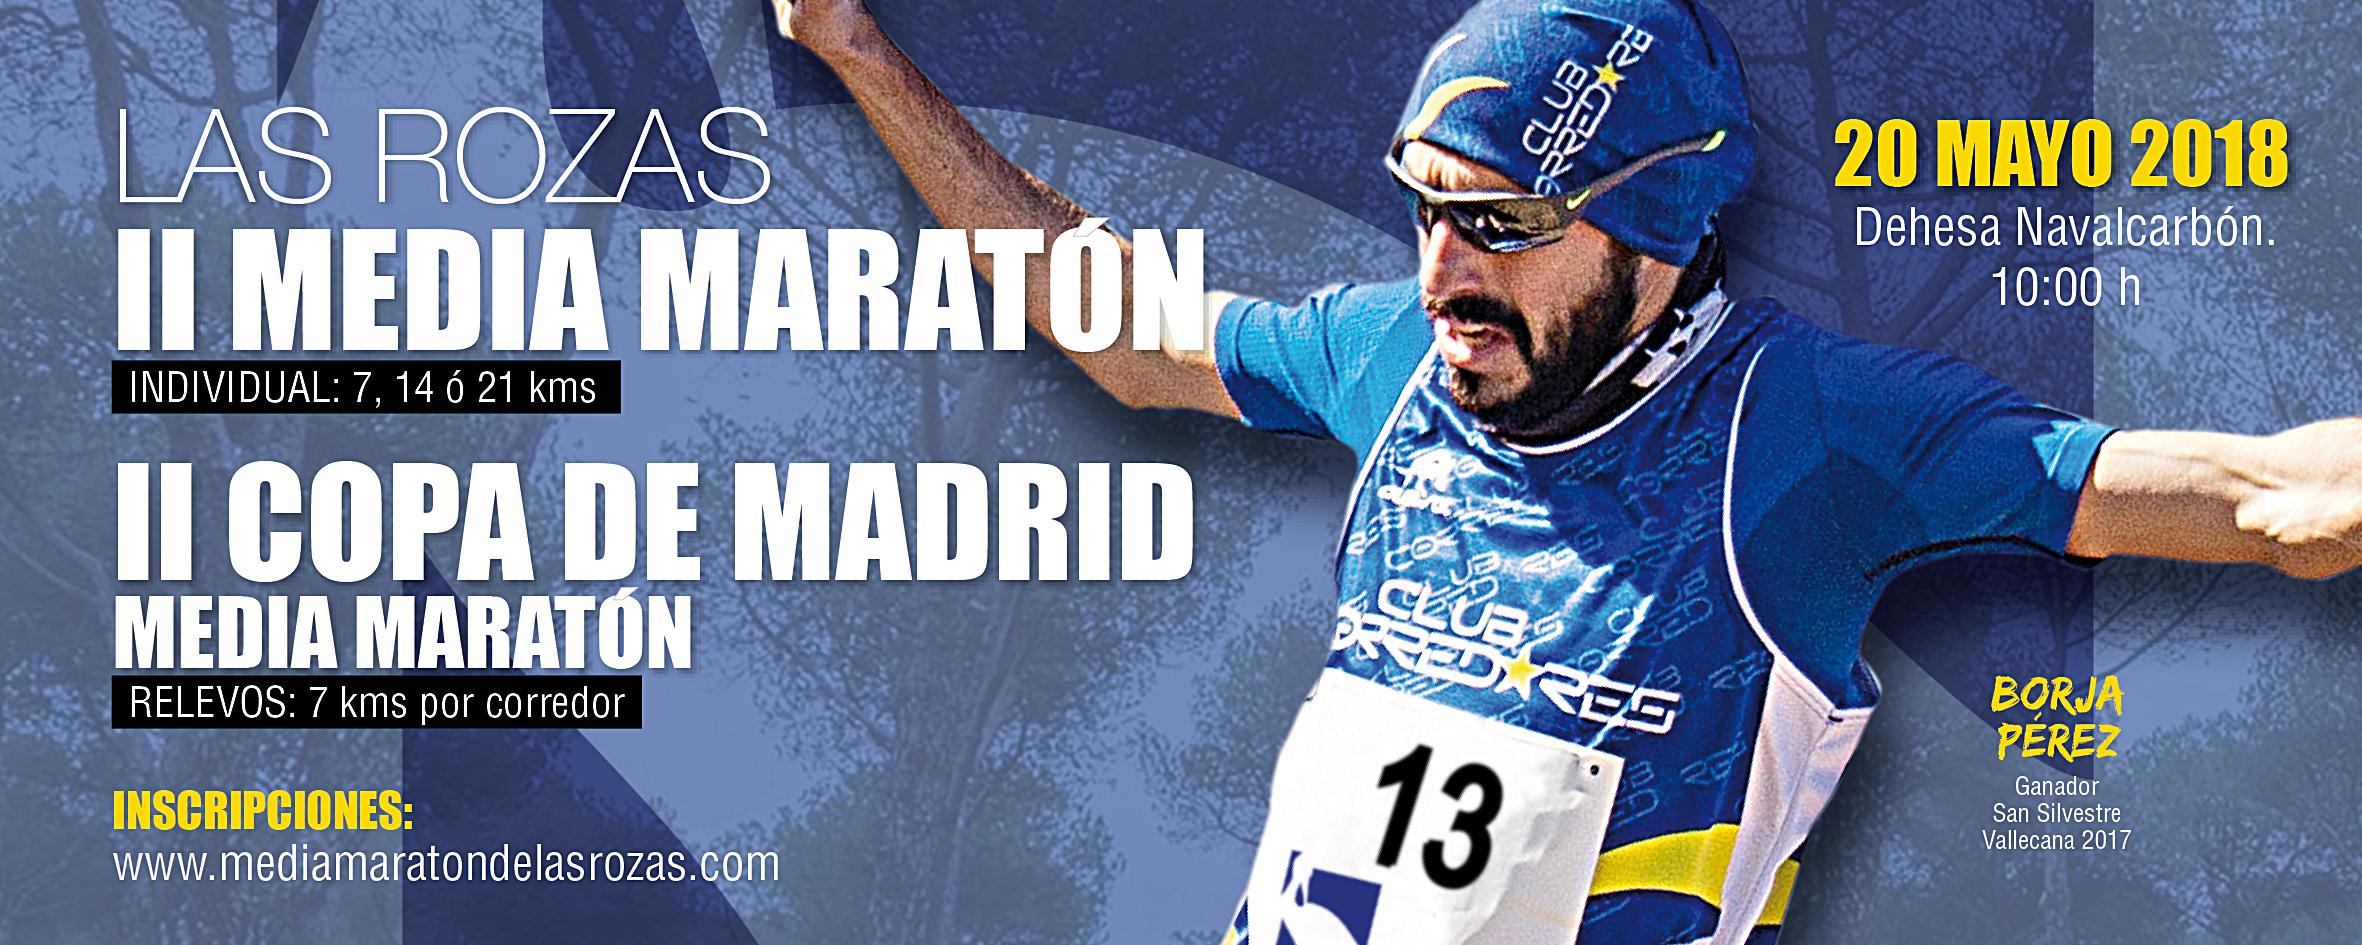 Media Maratón del Las Rozas